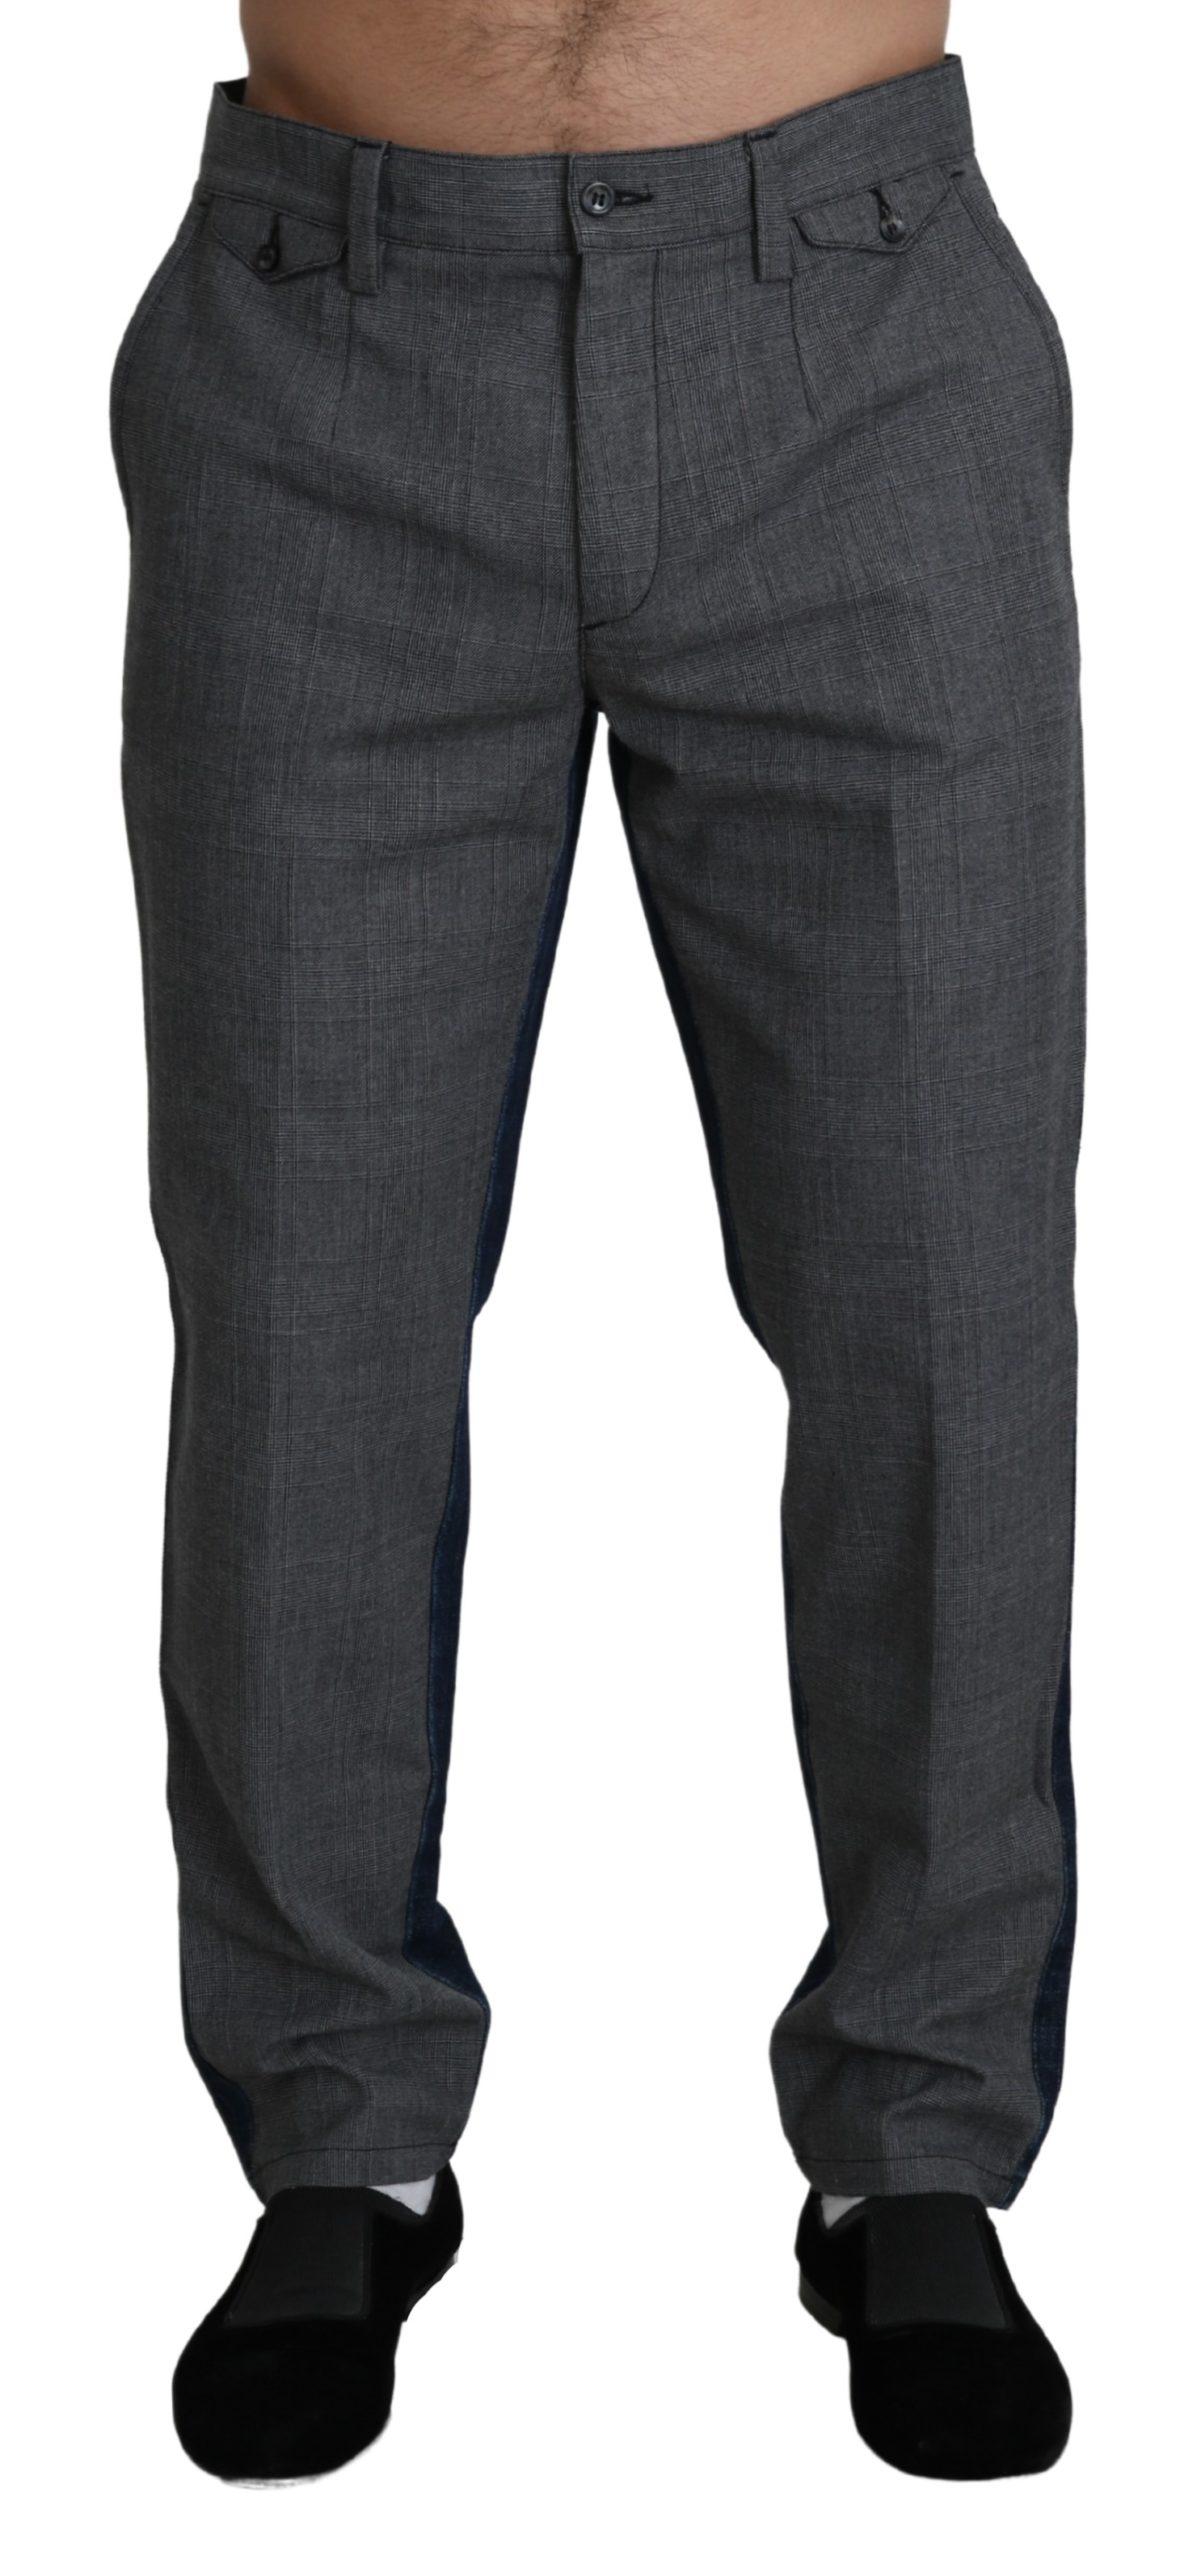 Dolce & Gabbana Men's Cotton Trouser Gray PAN71387 - IT50 | L